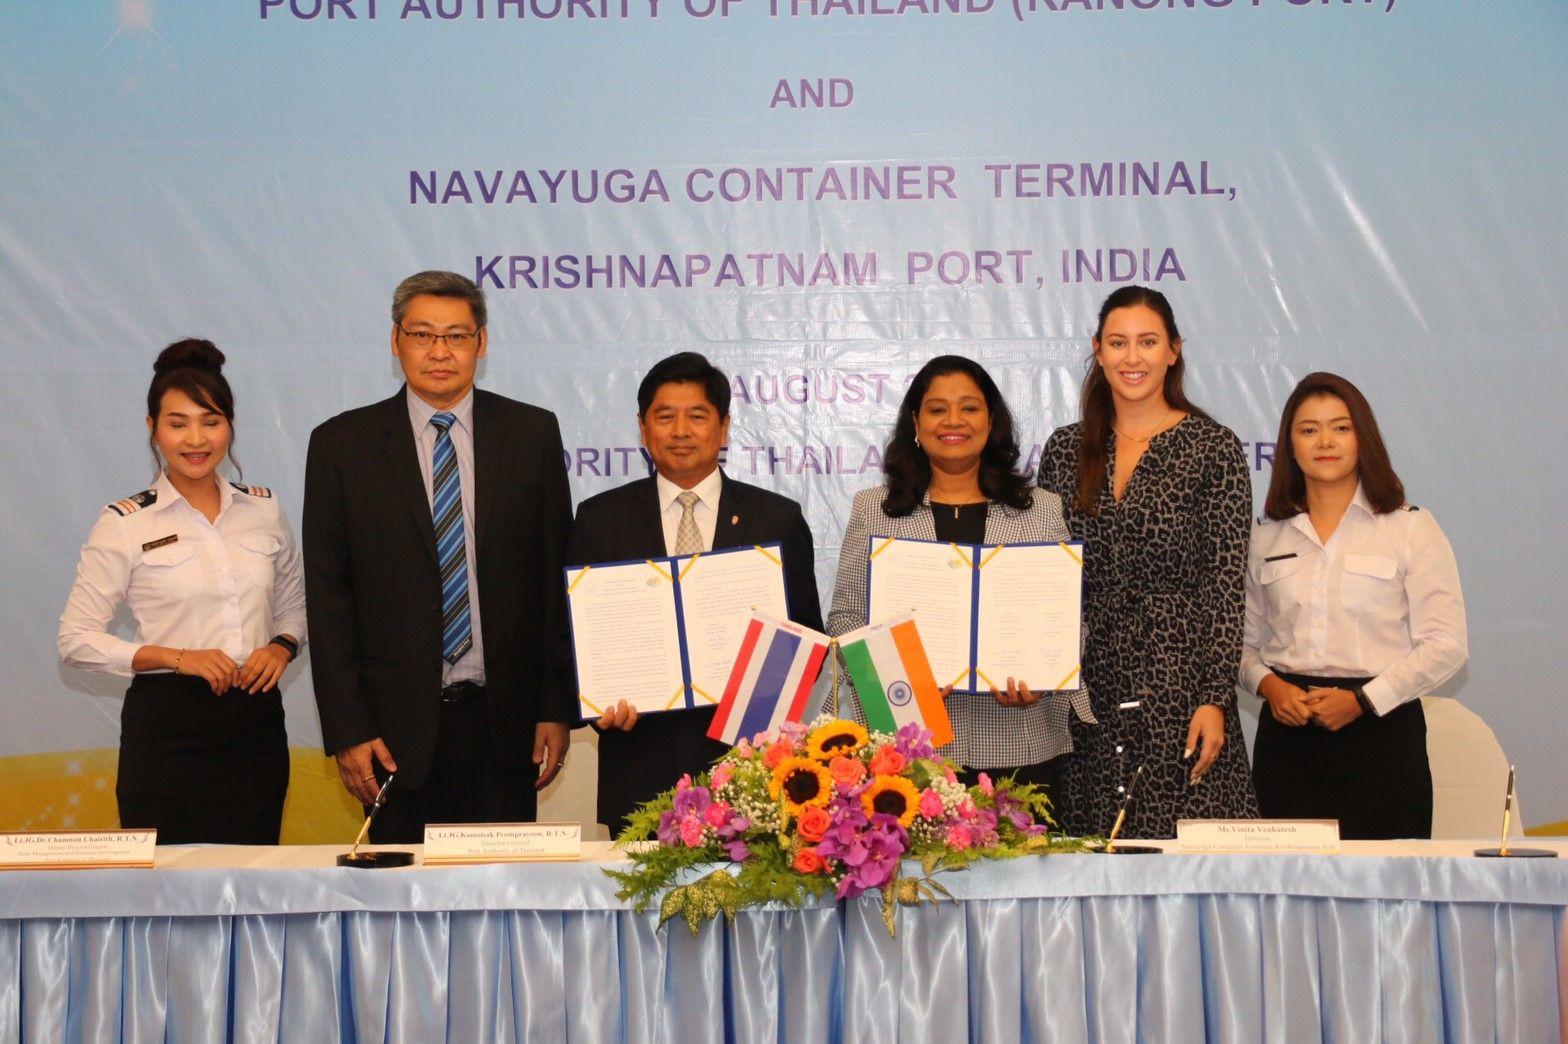 กทท. ผนึก ท่าเรืออินเดีย เปิดฉากขนส่งทางน้ำผ่านท่าเรือระนอง ทะเลอันดามัน กระตุ้น ศก. กลุ่มประเทศ BIMSTEC